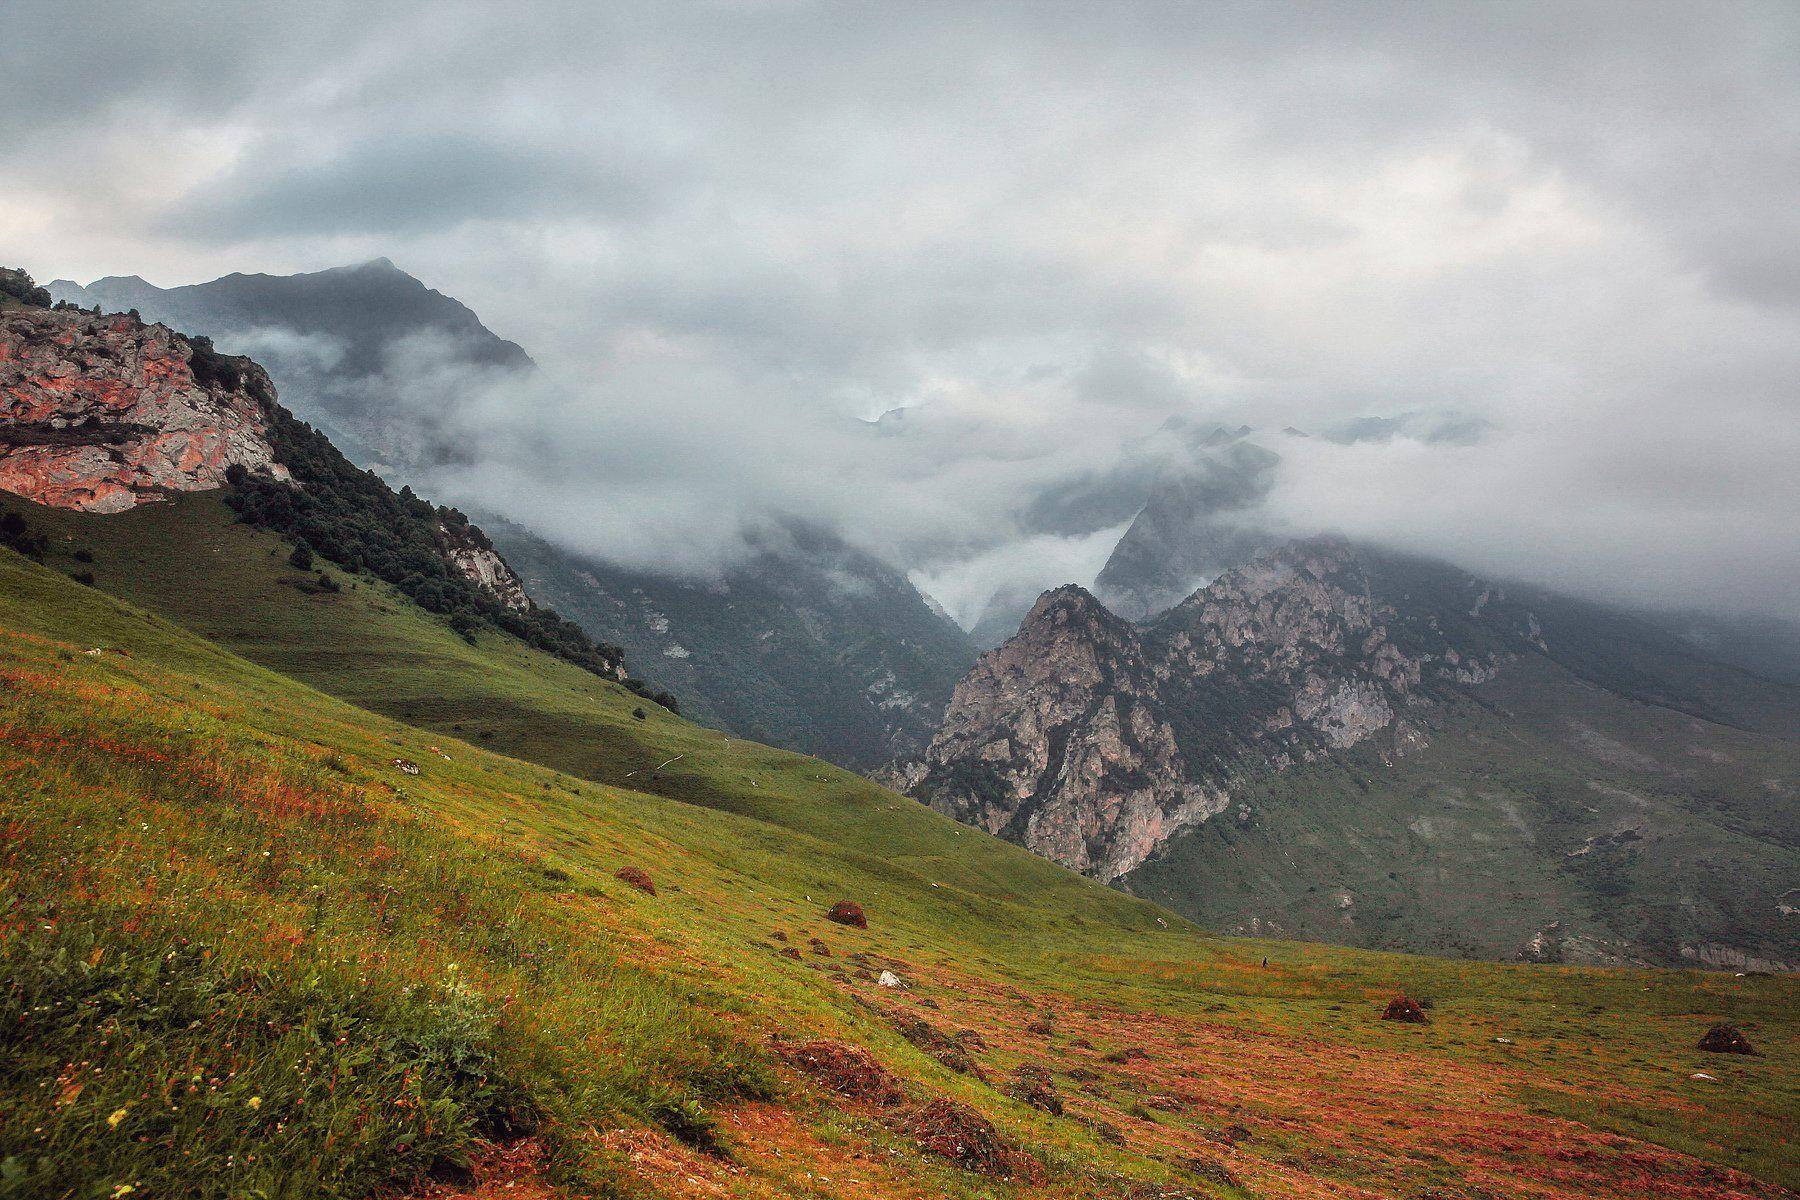 чегемское ущелье,горы,северный кавказ,балкария,кабардино балкария., Марат Магов